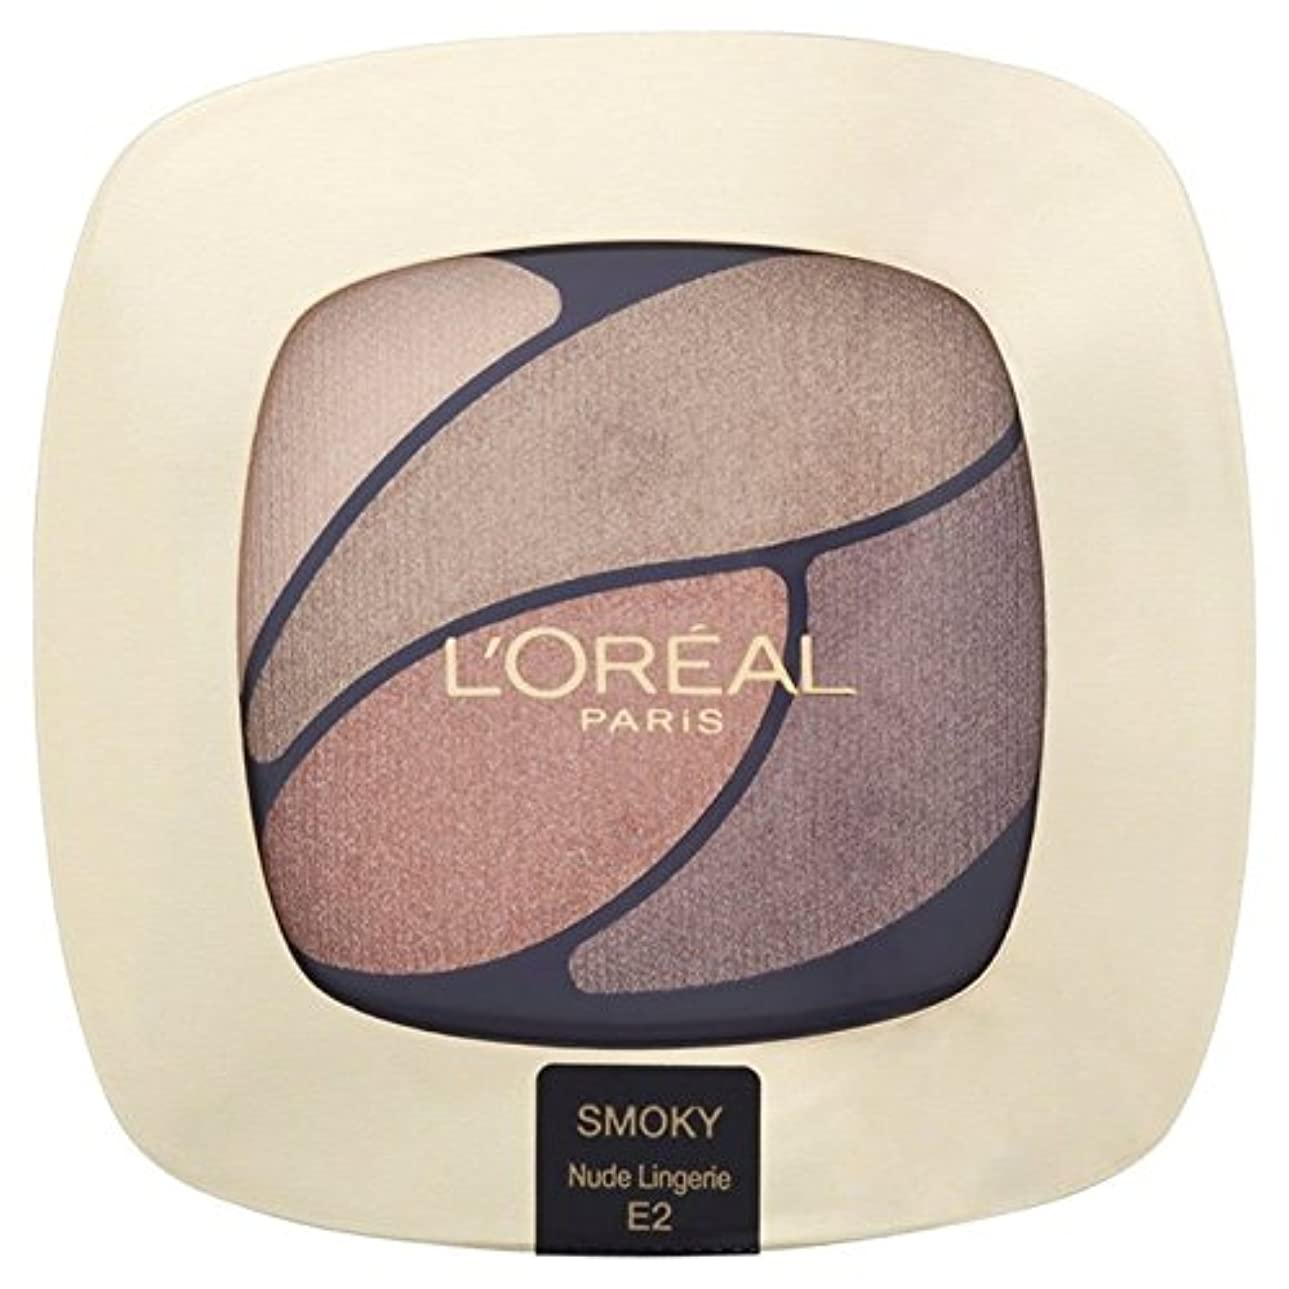 感性想定応じるL'Oreal Paris Color Riche Eyeshadow Quad, Beloved Nude 30g - ロレアルパリのカラーリッシュアイシャドウクワッド、最愛のヌード30グラム [並行輸入品]